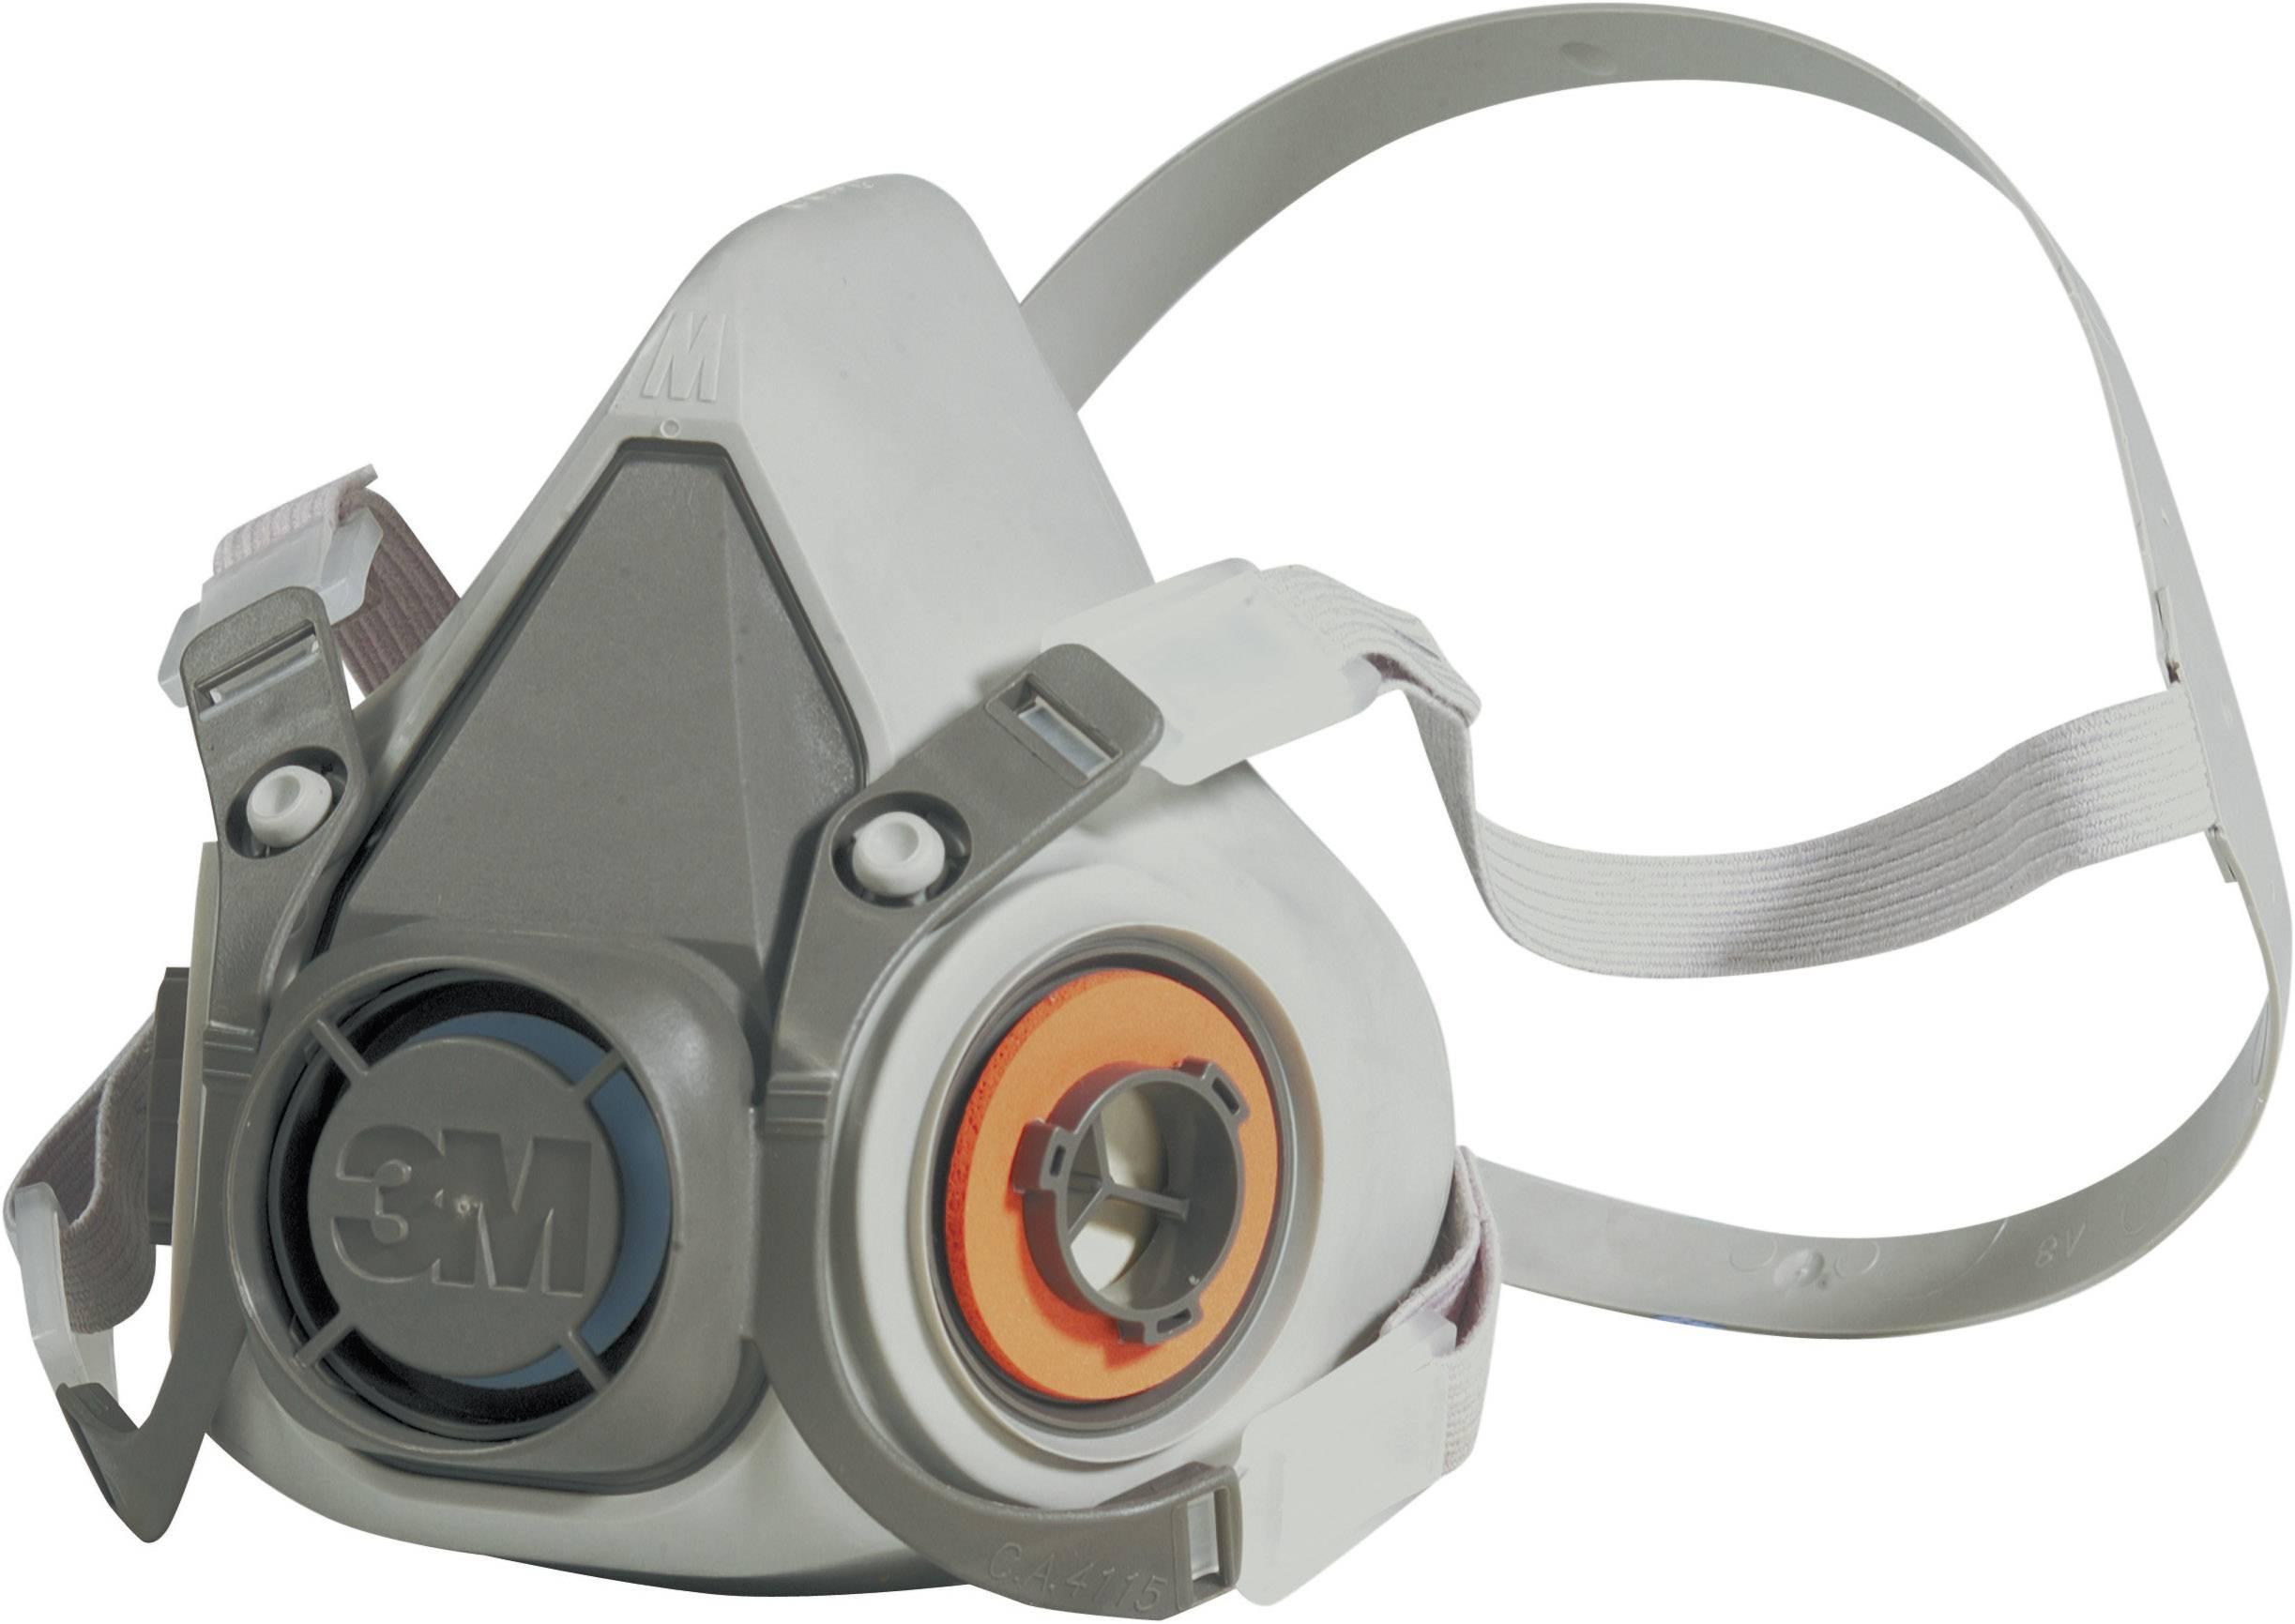 maske 3m filter